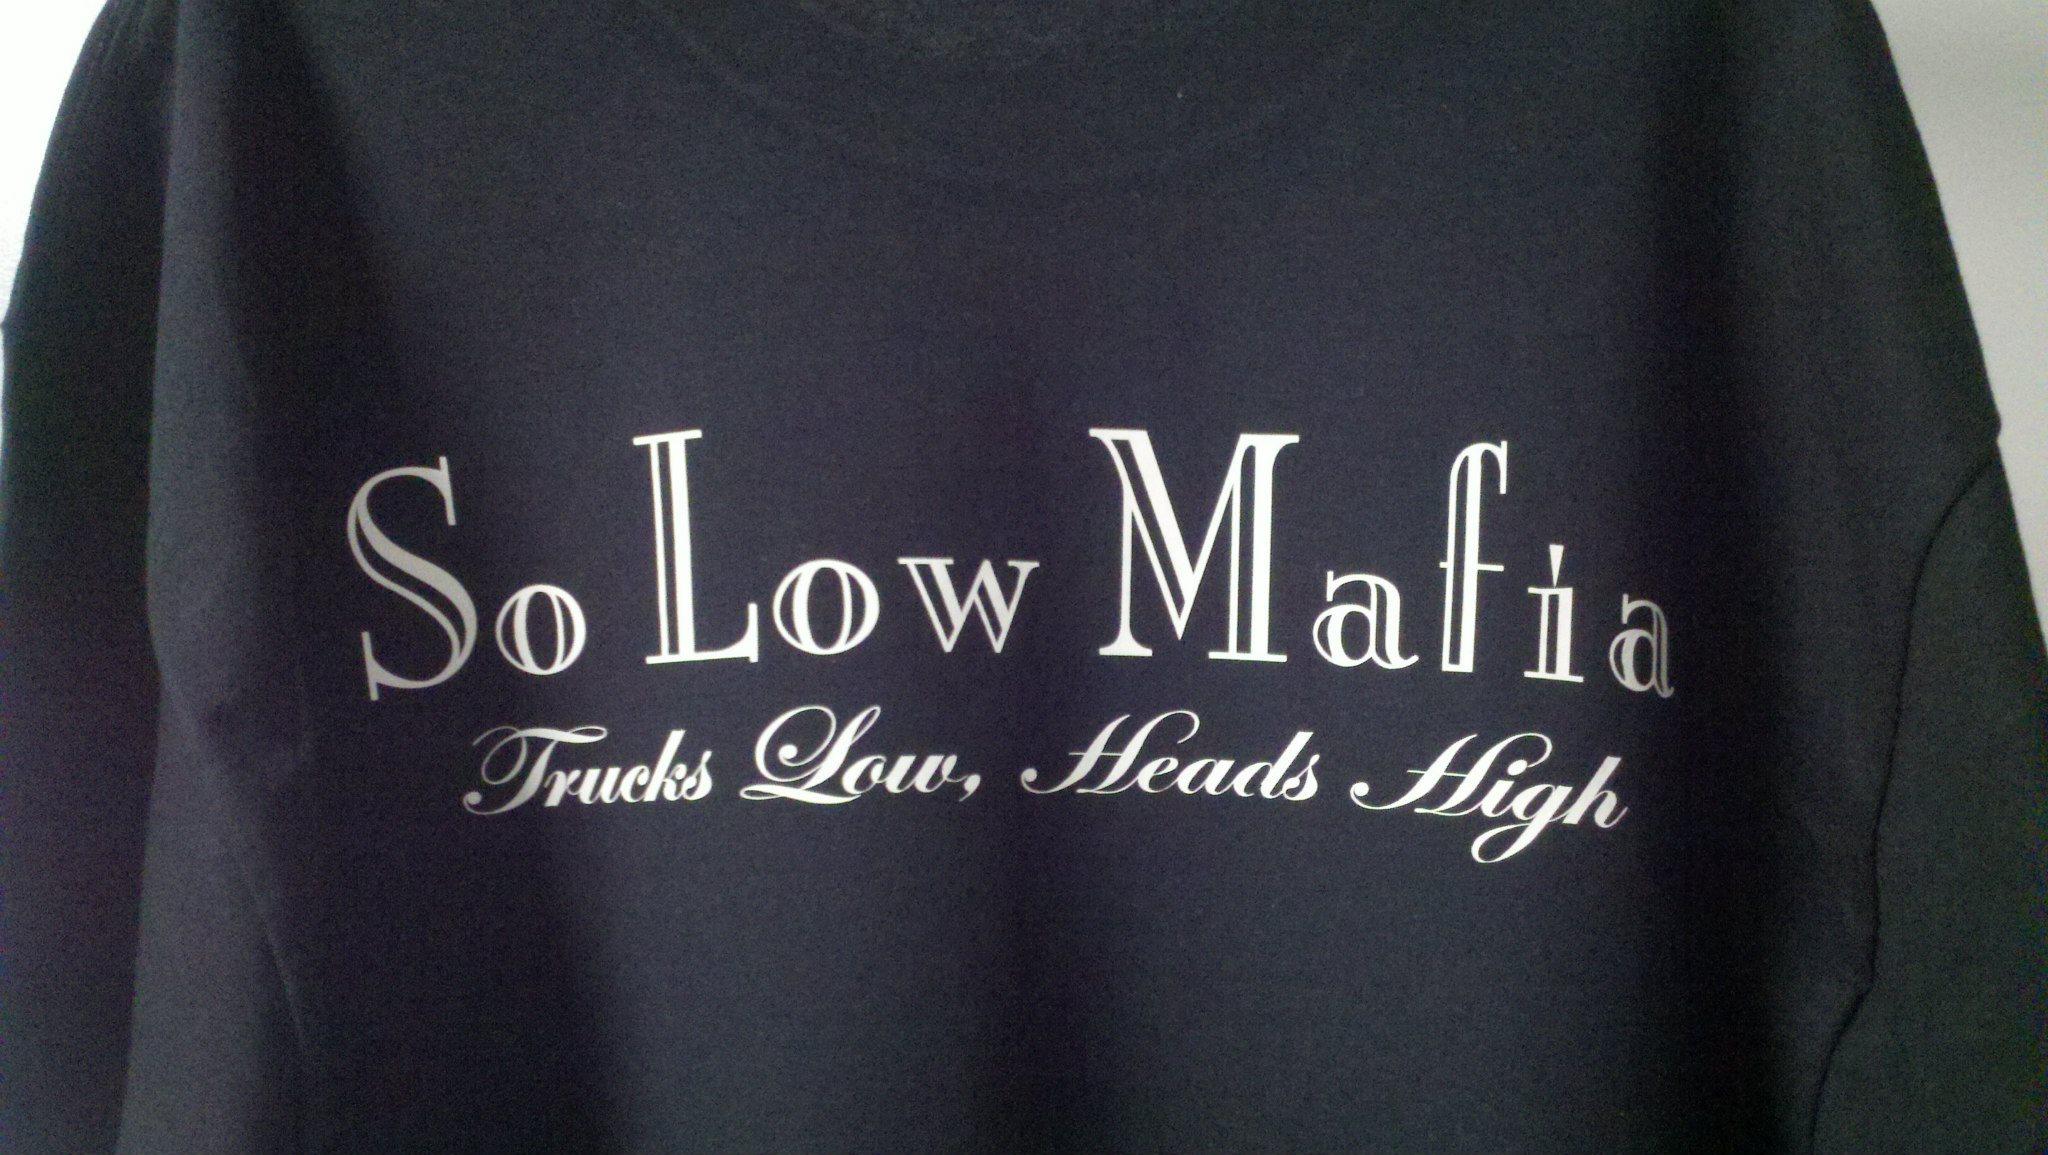 So Low Mafia